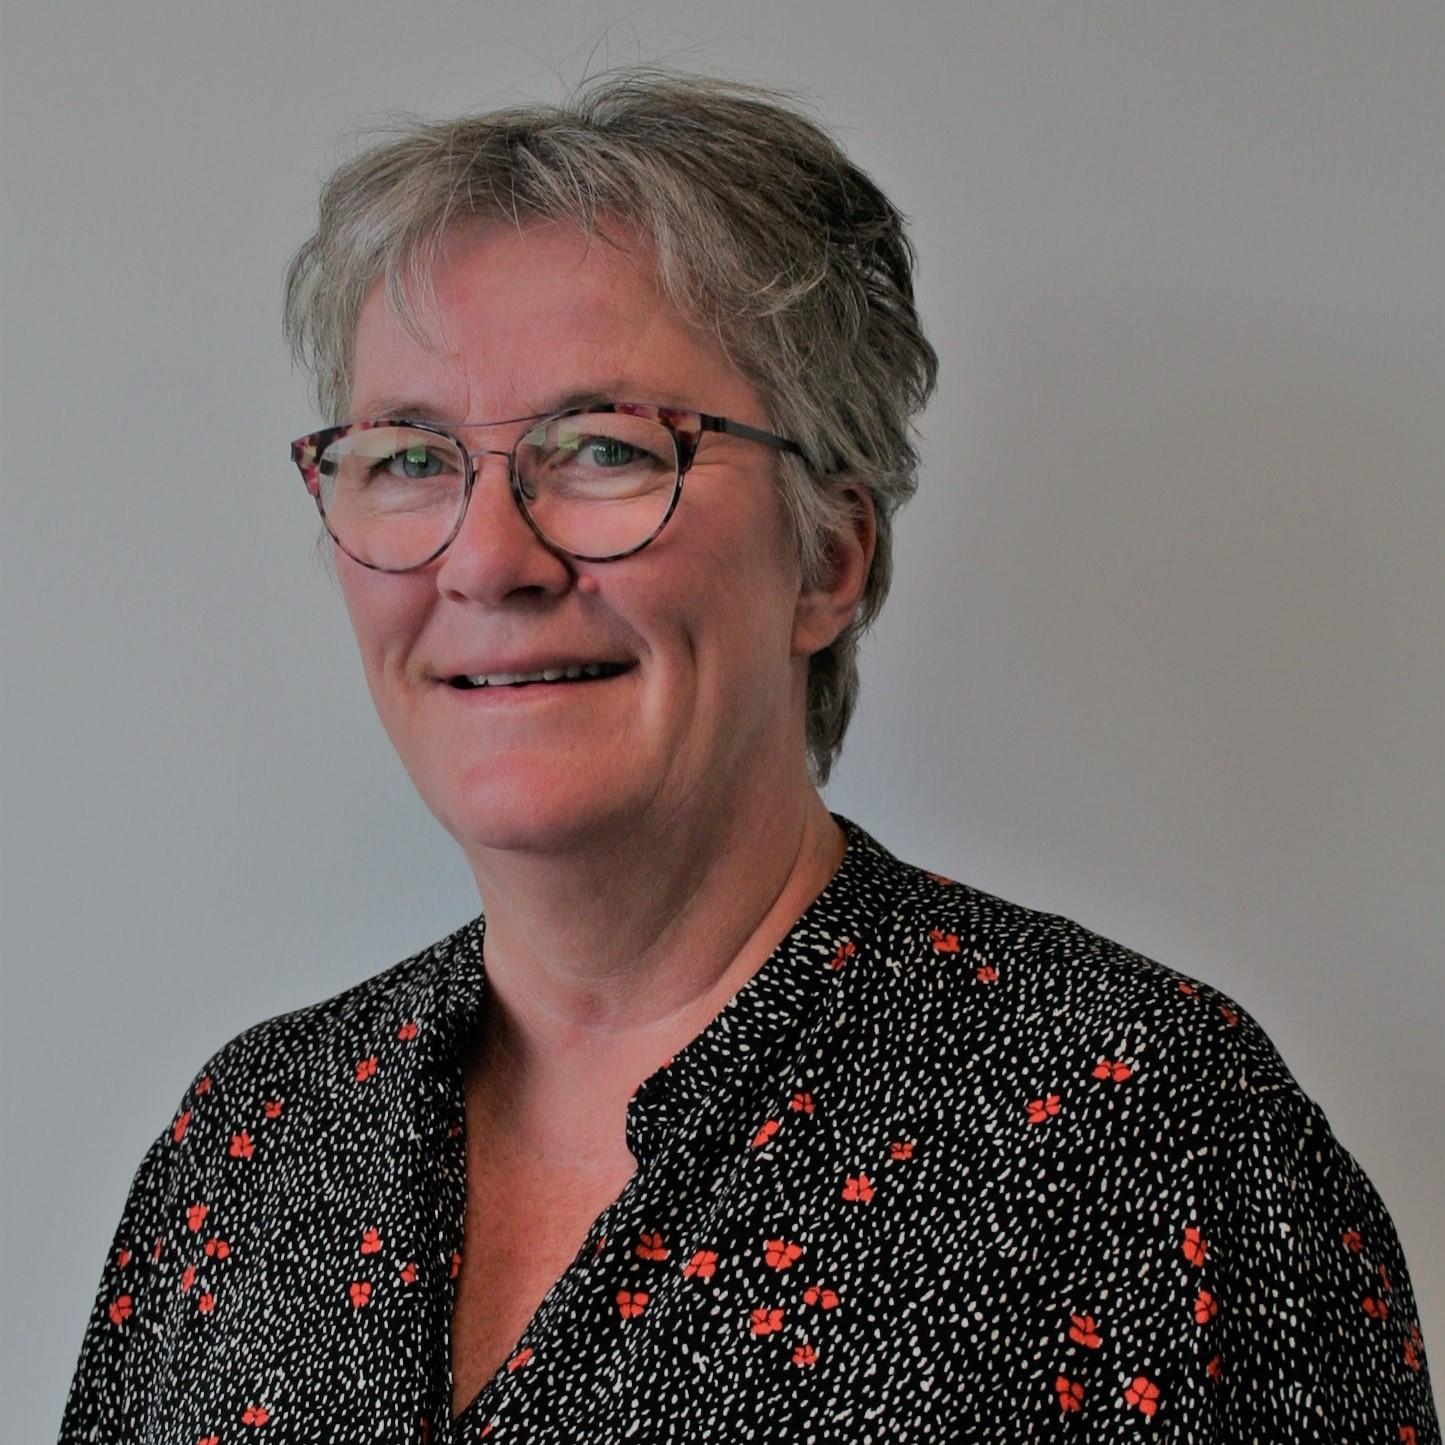 Anette Boye Høgholm